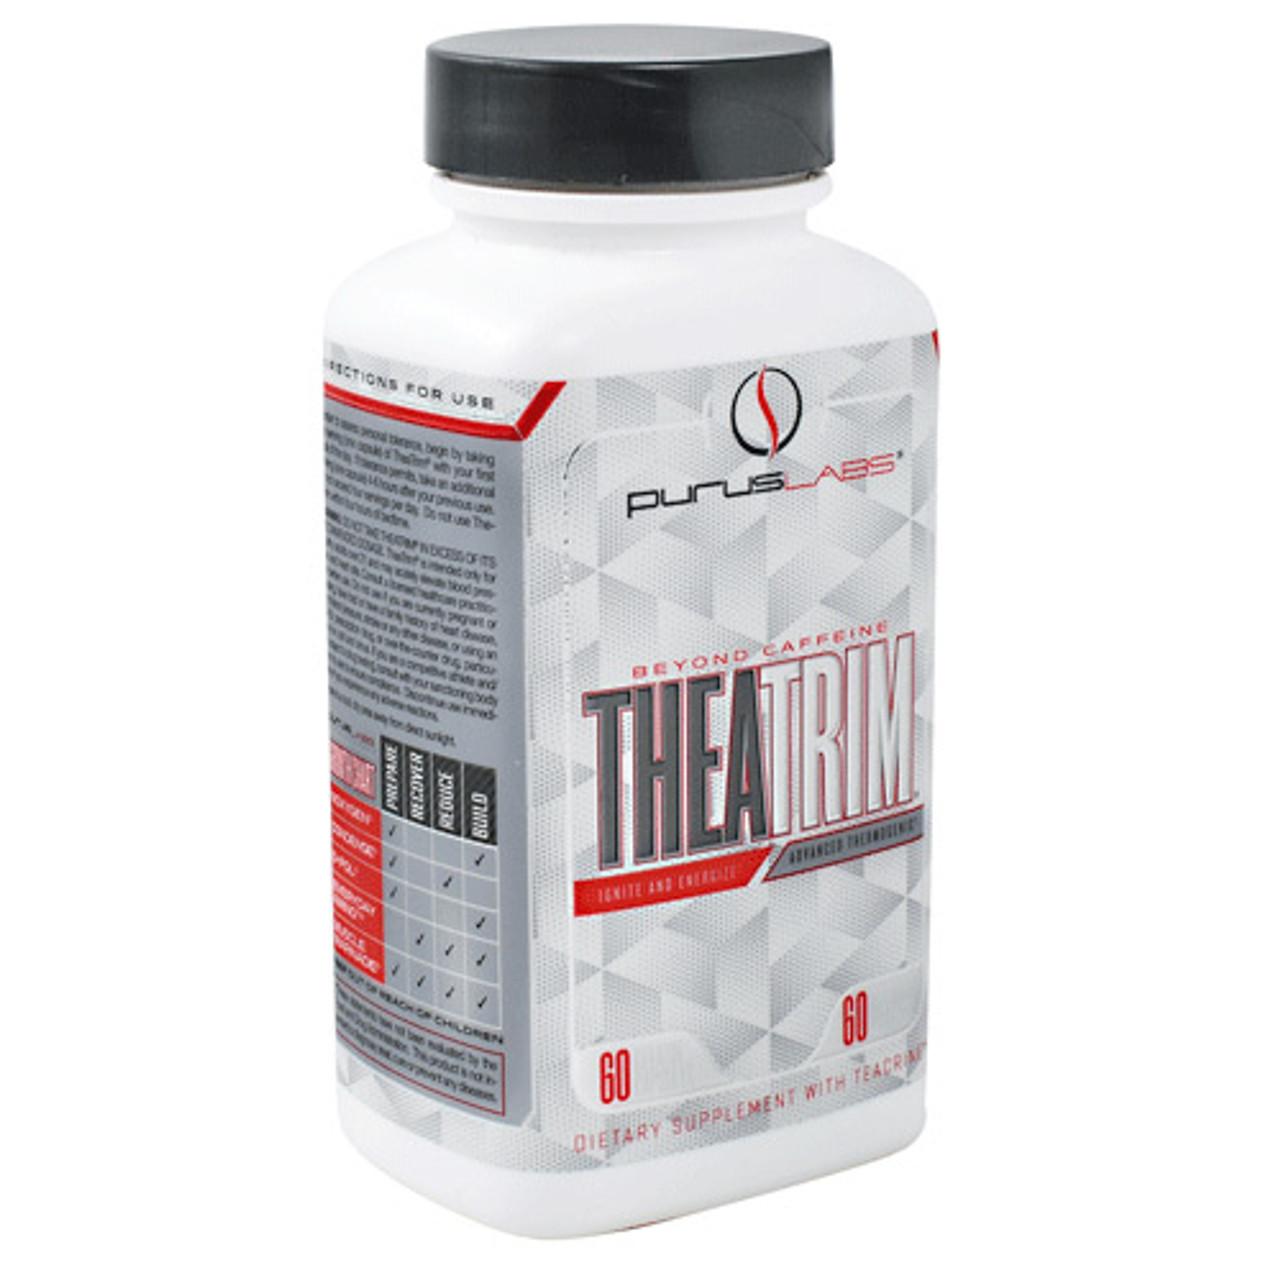 TheaTrim 60ct Purus Labs